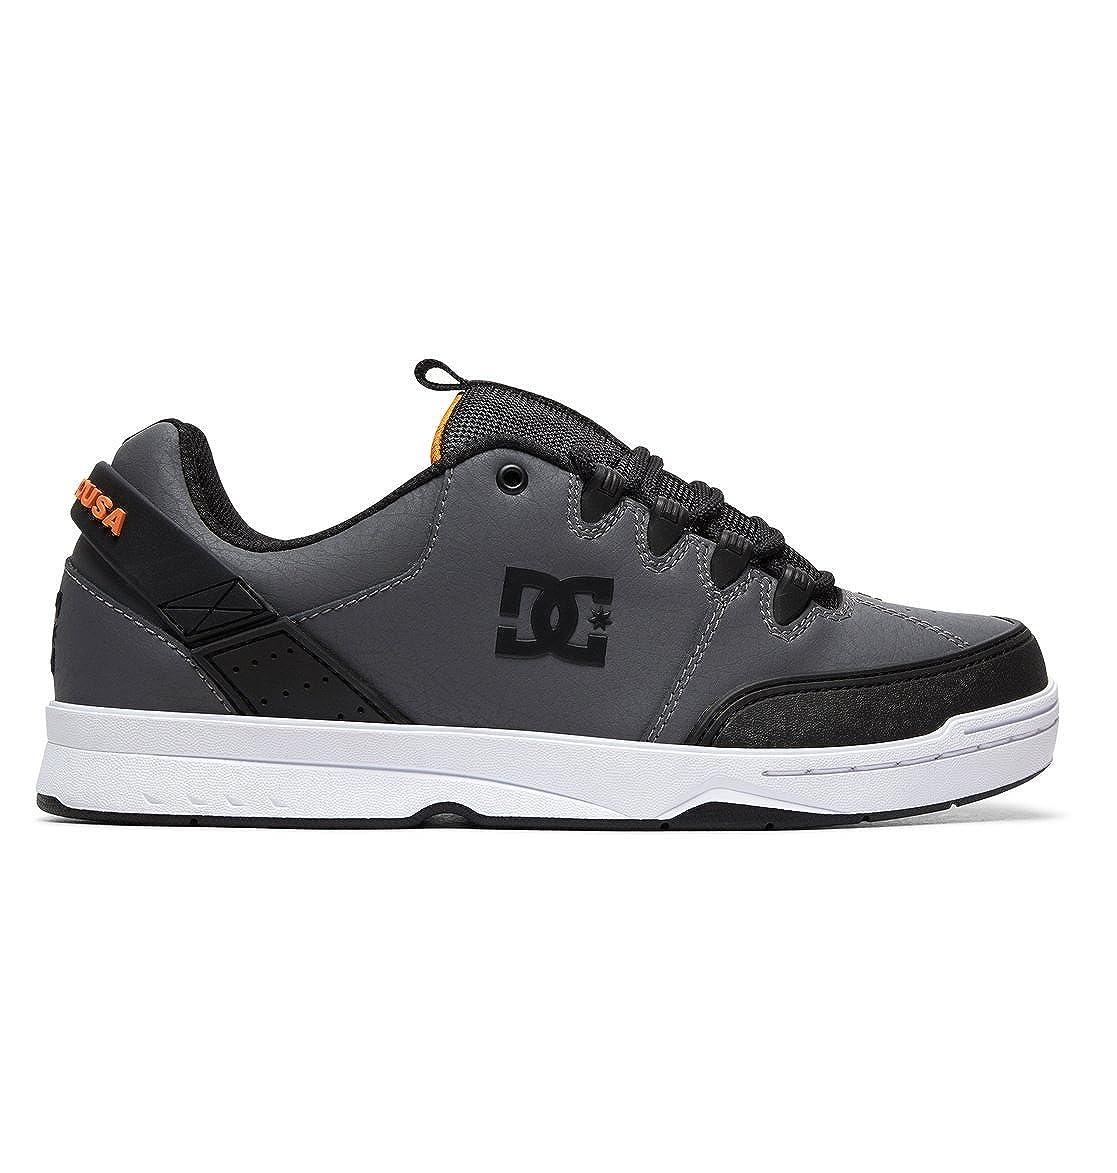 gris negro negro DC zapatos Syntax - Zapaños para Hombre ADYS300290